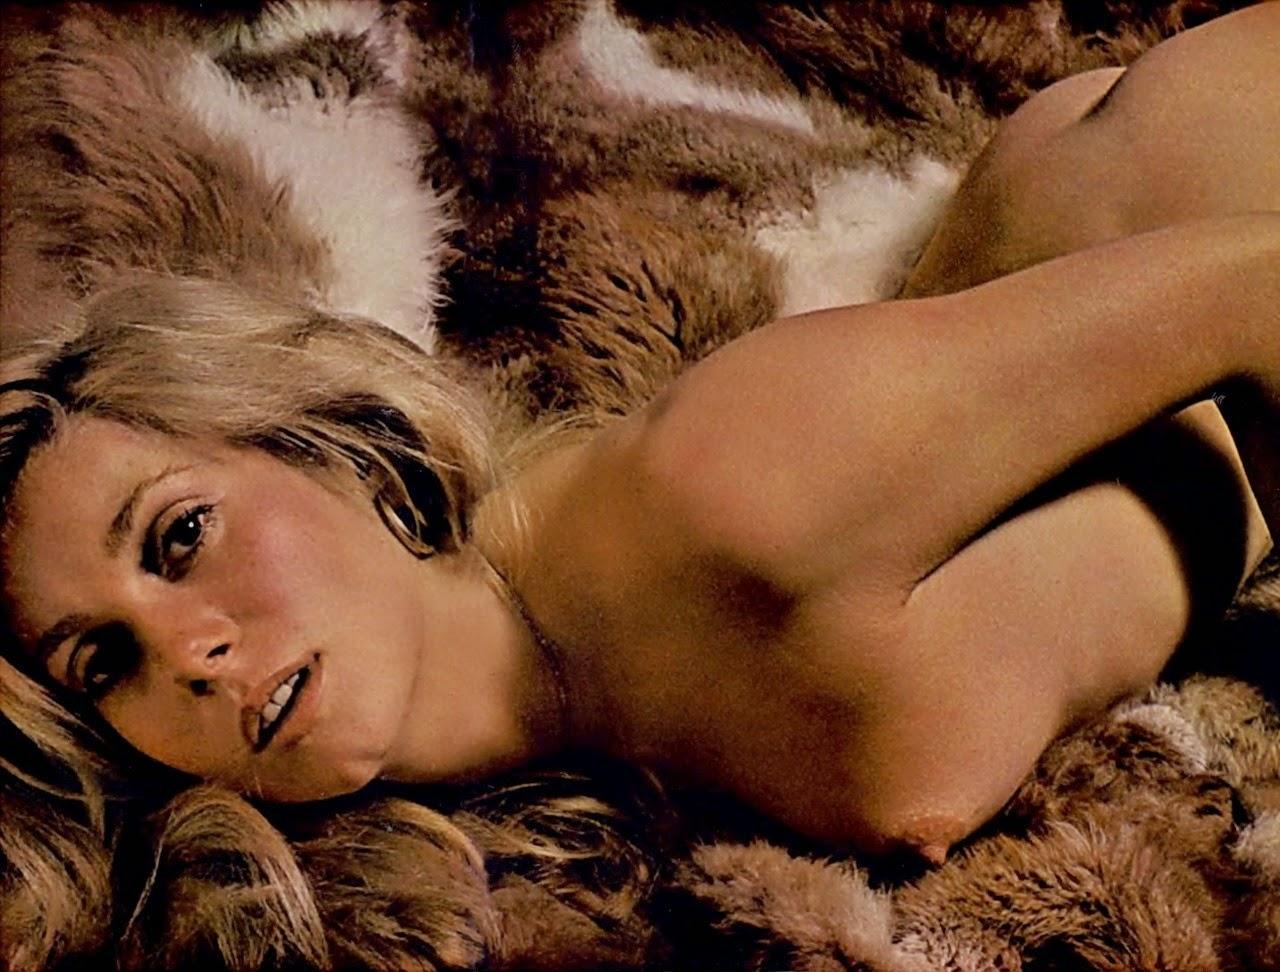 smotret-frantsuzskaya-erotika-masi-di-deyzi-porno